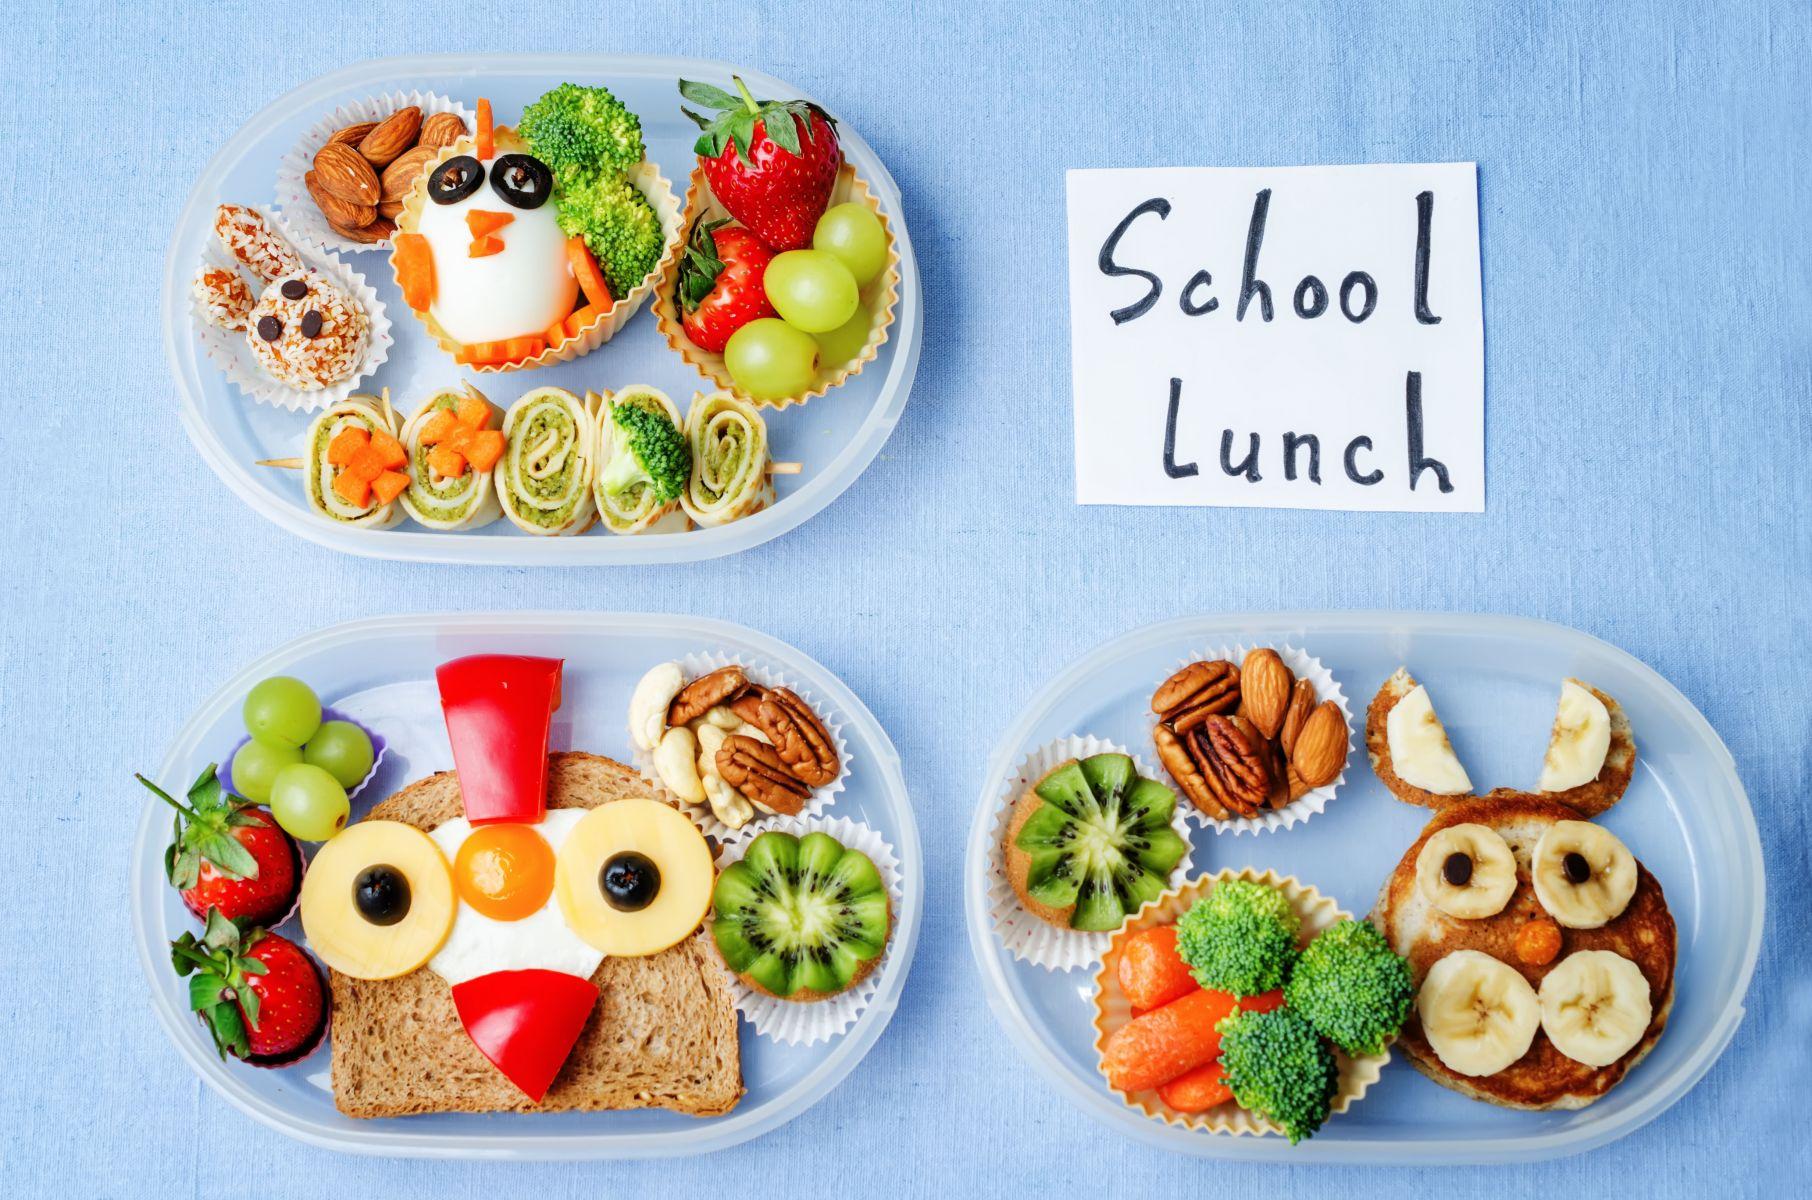 吃出「營」響力  產官界攜手把關營養午餐品質